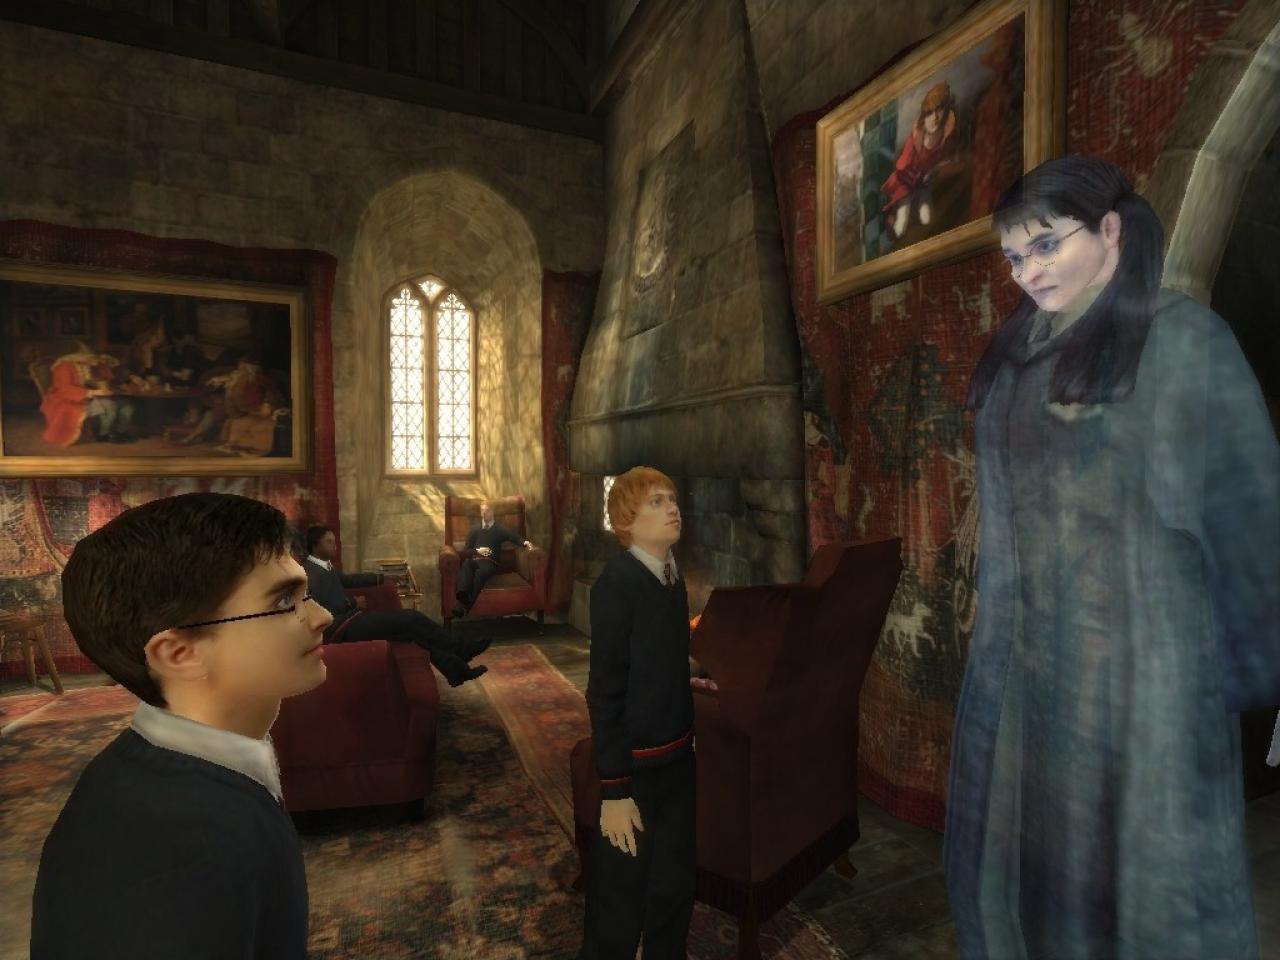 Harry Potter Und Der Orden Des Phönix Kinox.To